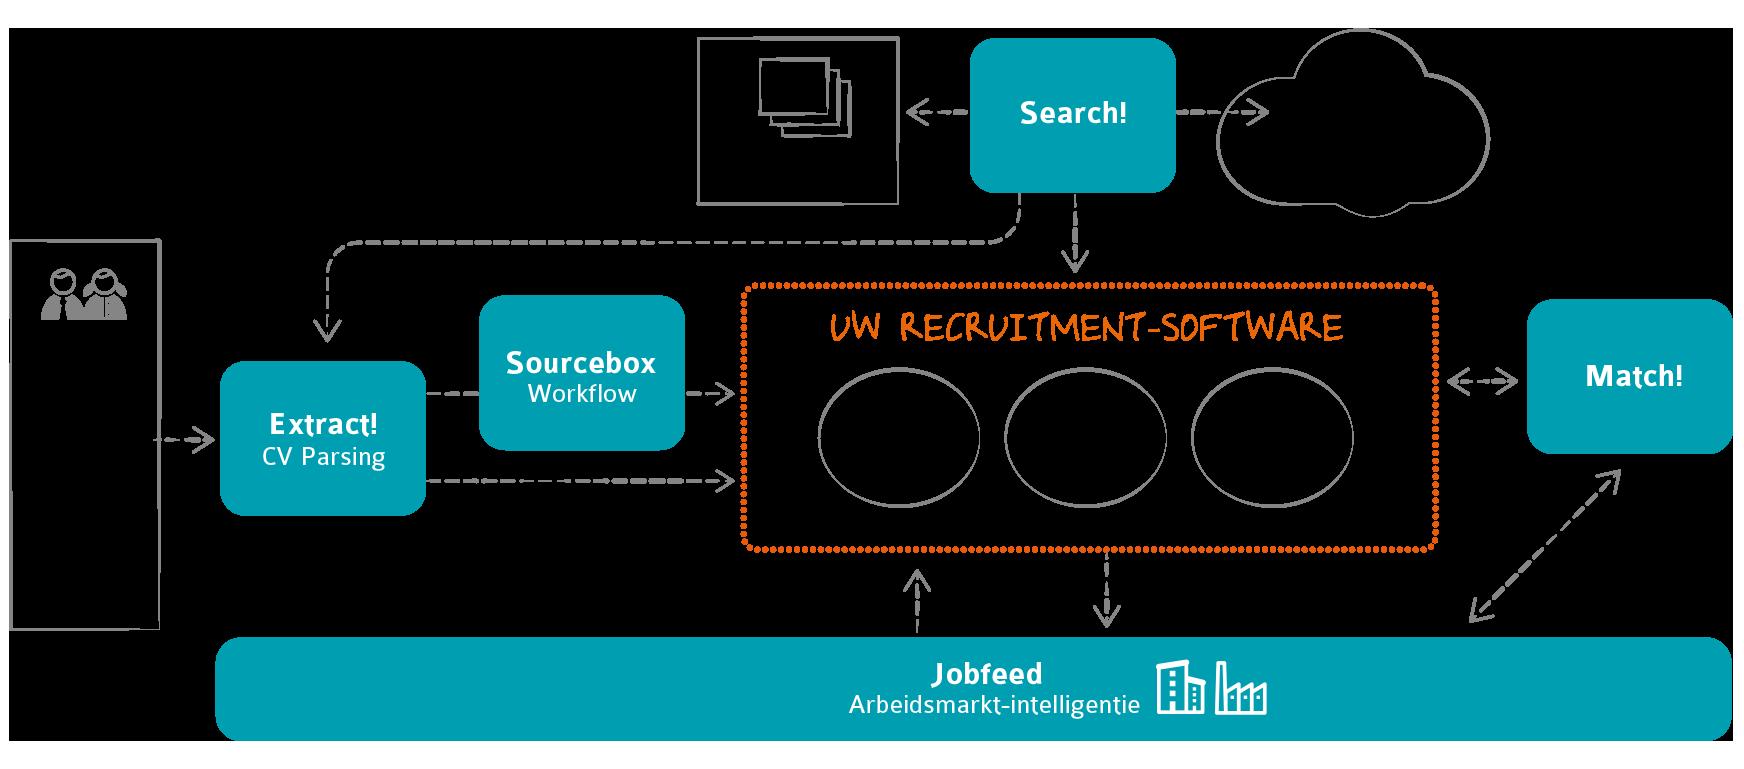 Textkernel technologie voor werving en selectie